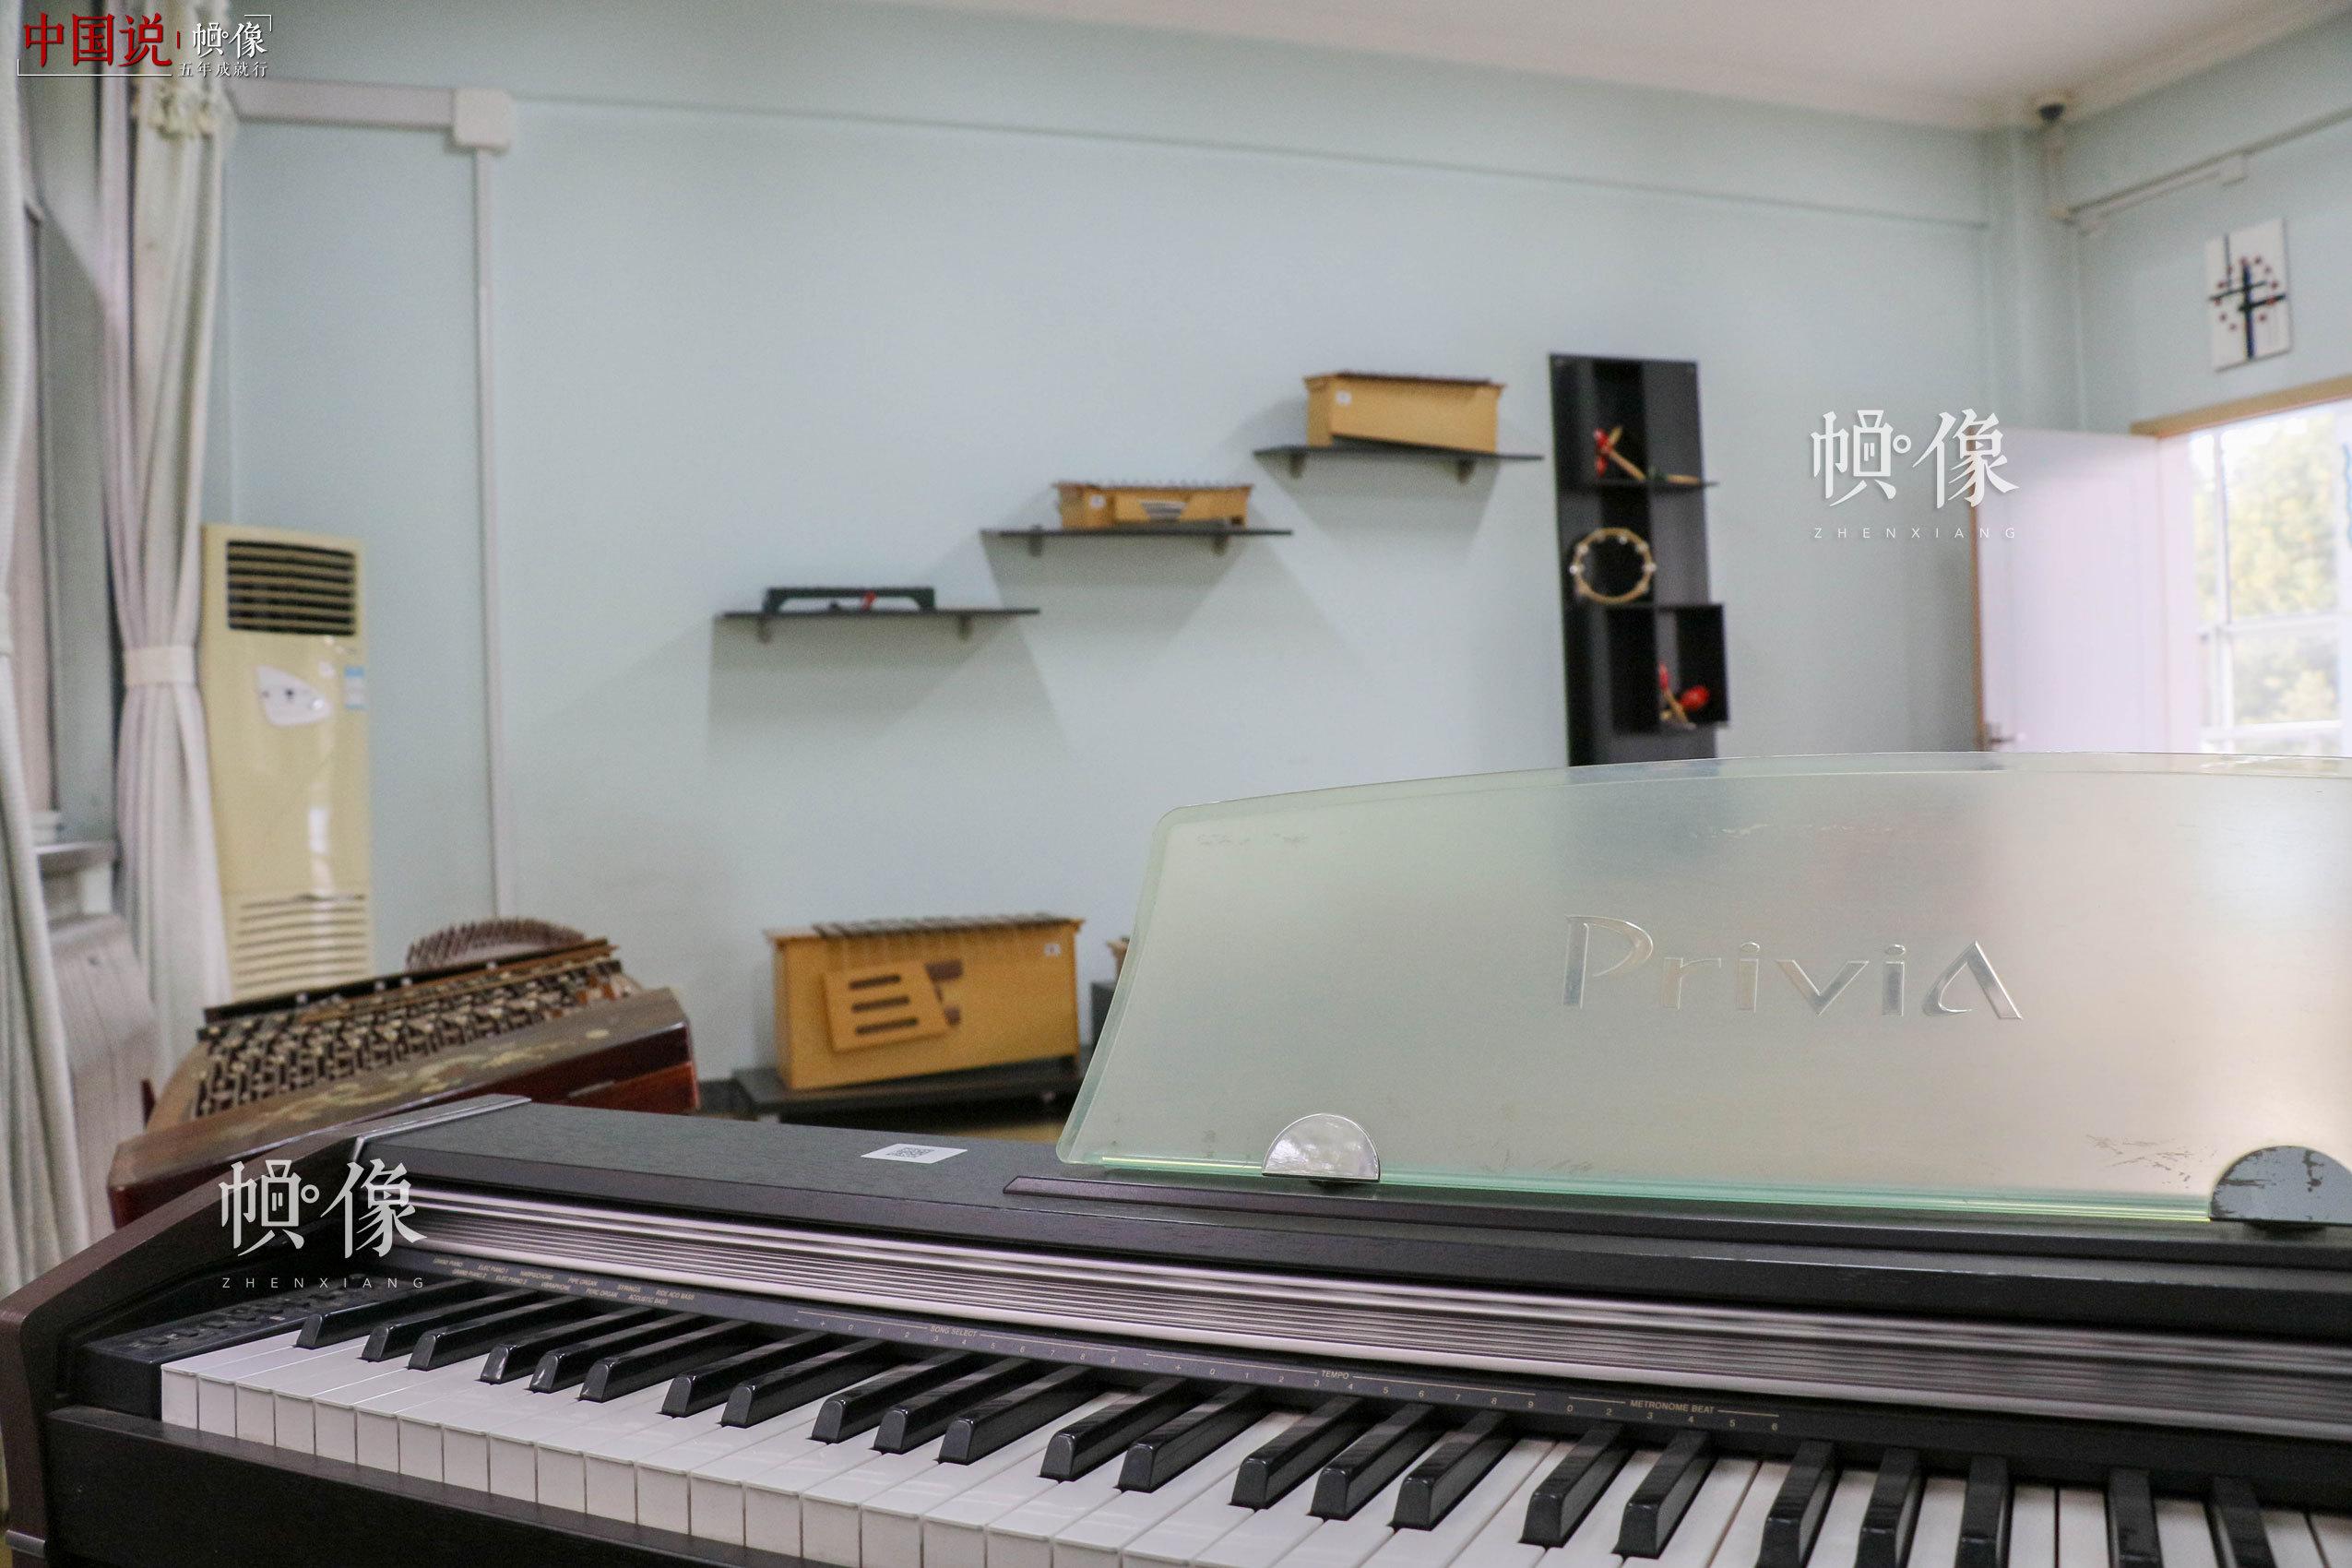 北京市天堂河女子教育矫治所团体活动室。中国网记者 赵超 摄